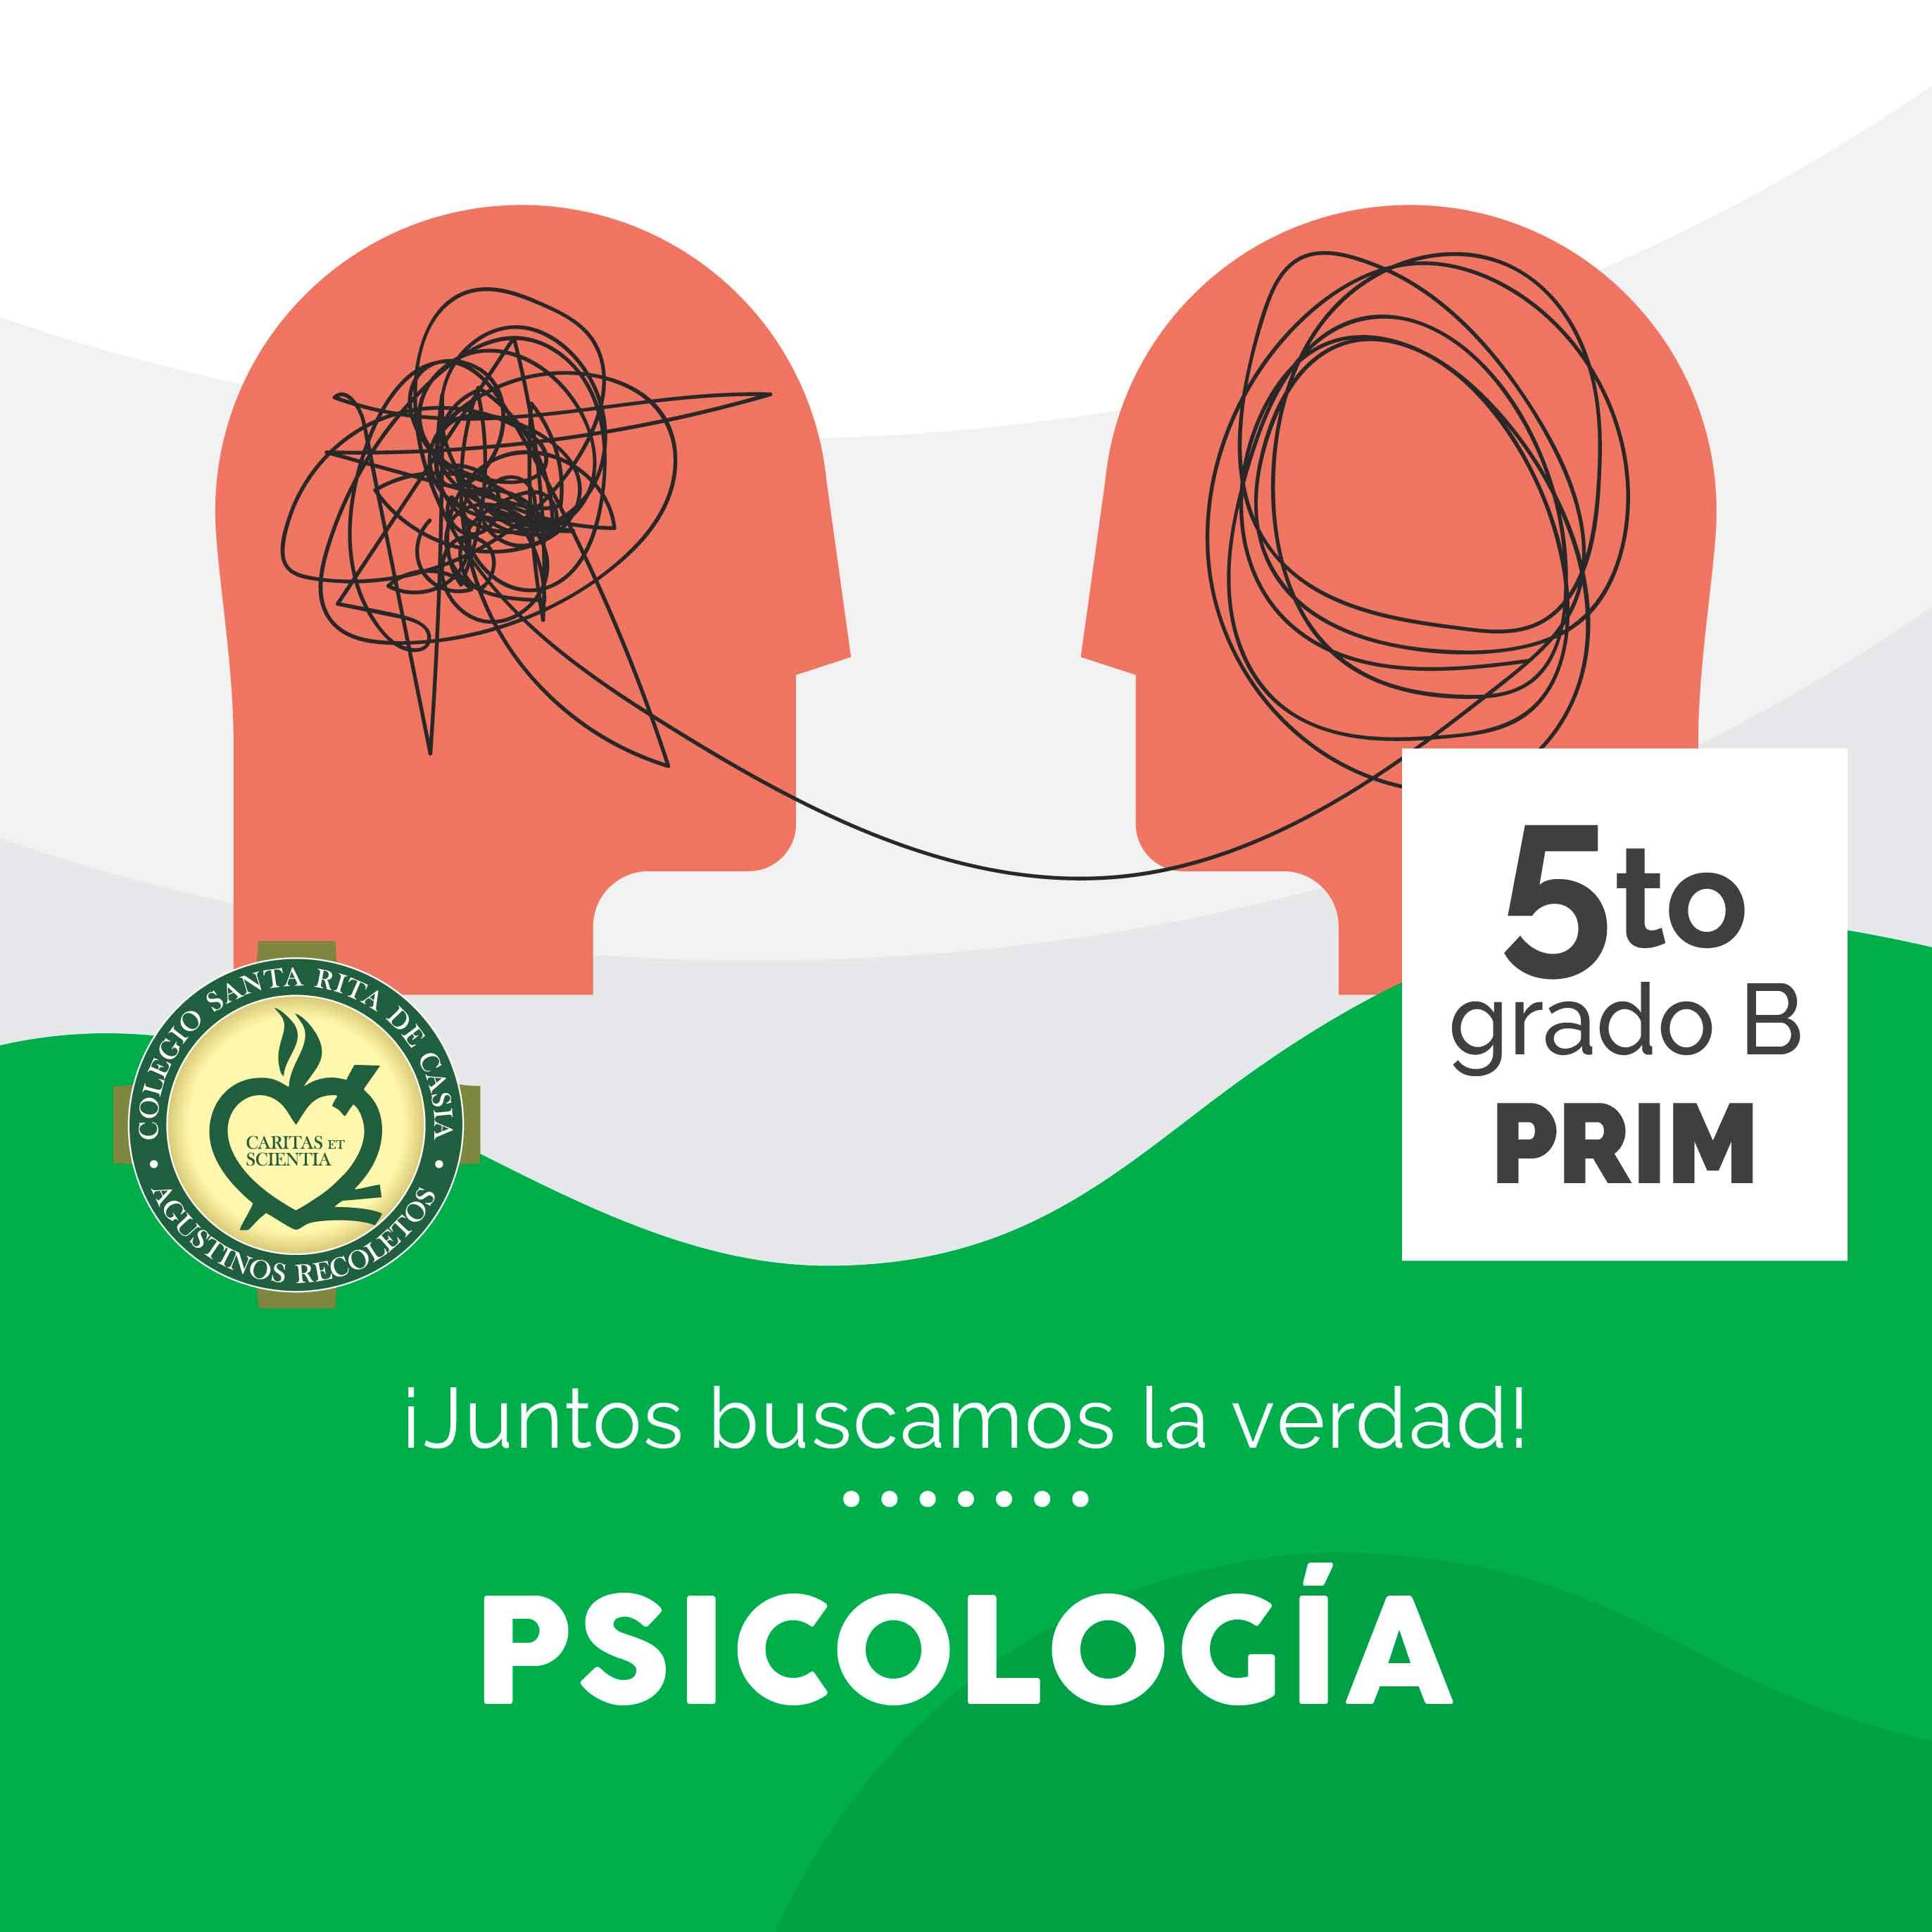 Psicología 5to Grado B